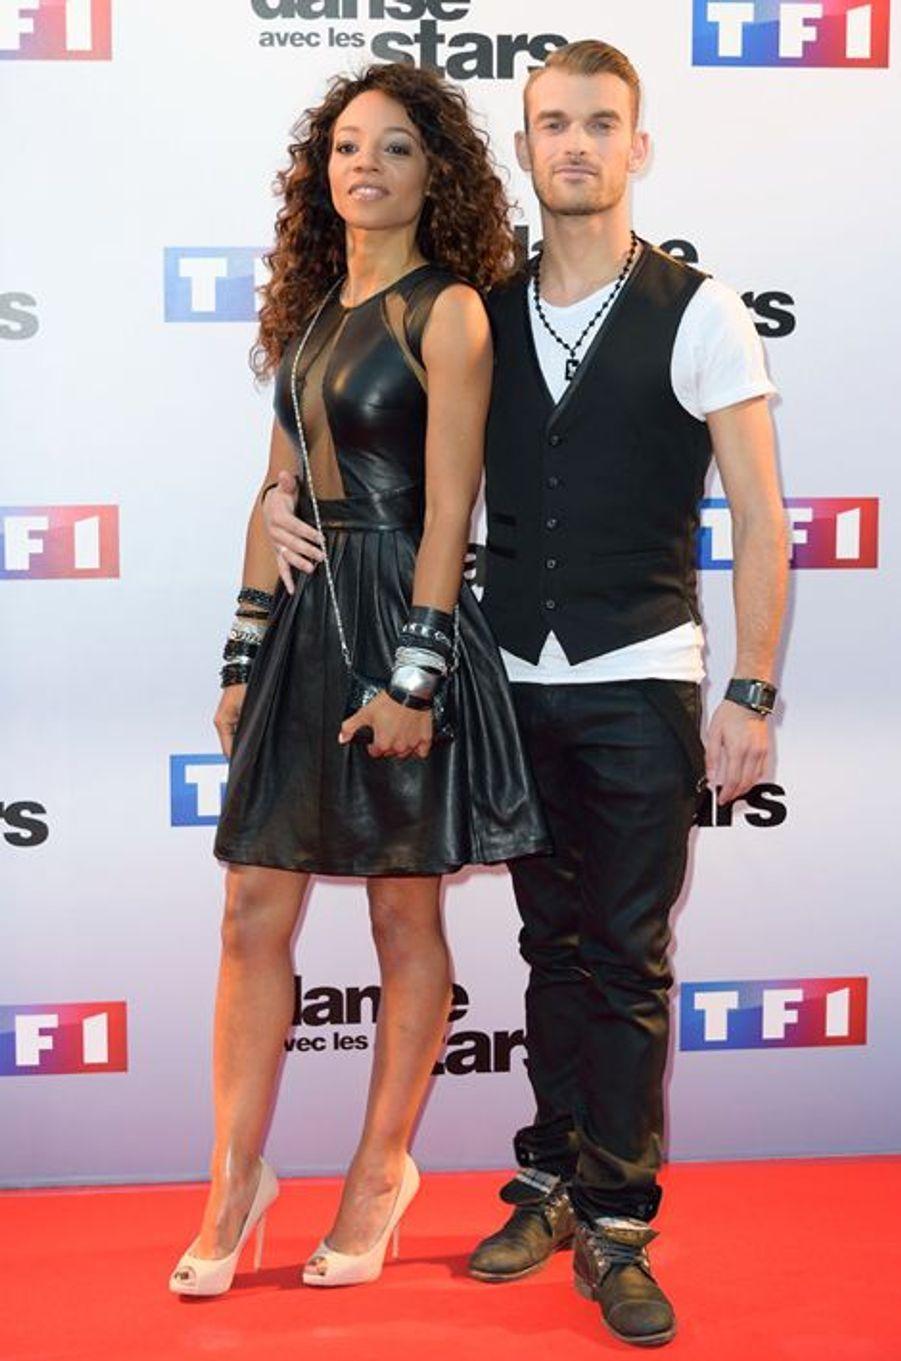 Danse avec les stars 5 : la chanteuse Louisy Joseph et son partenaire Guillaume Foucault.